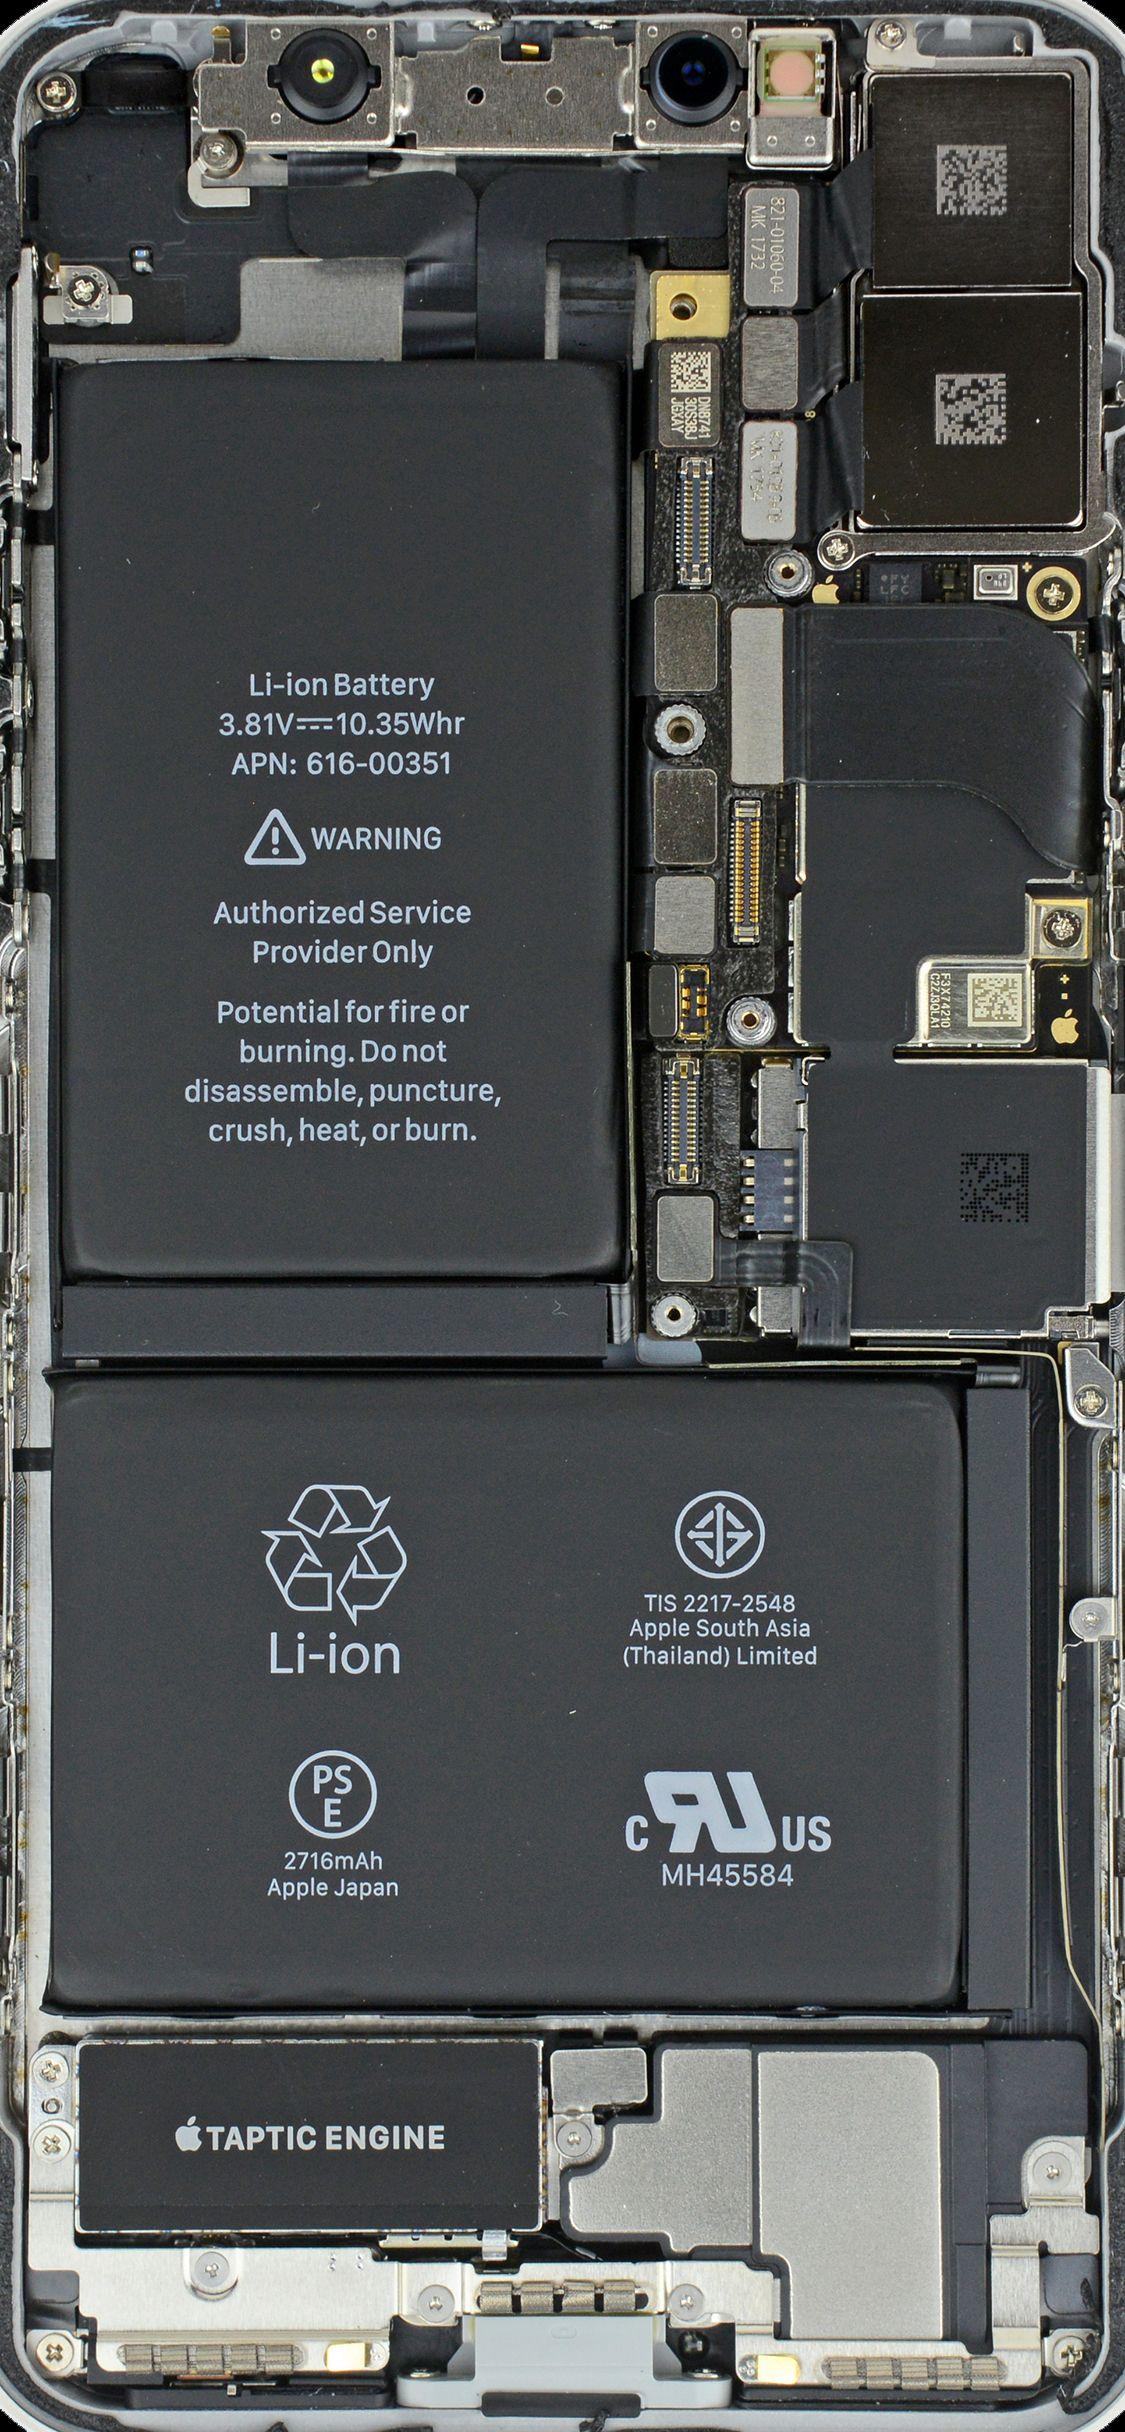 Wallpaper for iPhone X Inside stuff | Tech | Iphone wallpaper inside, Iphone 6 plus wallpaper и ...